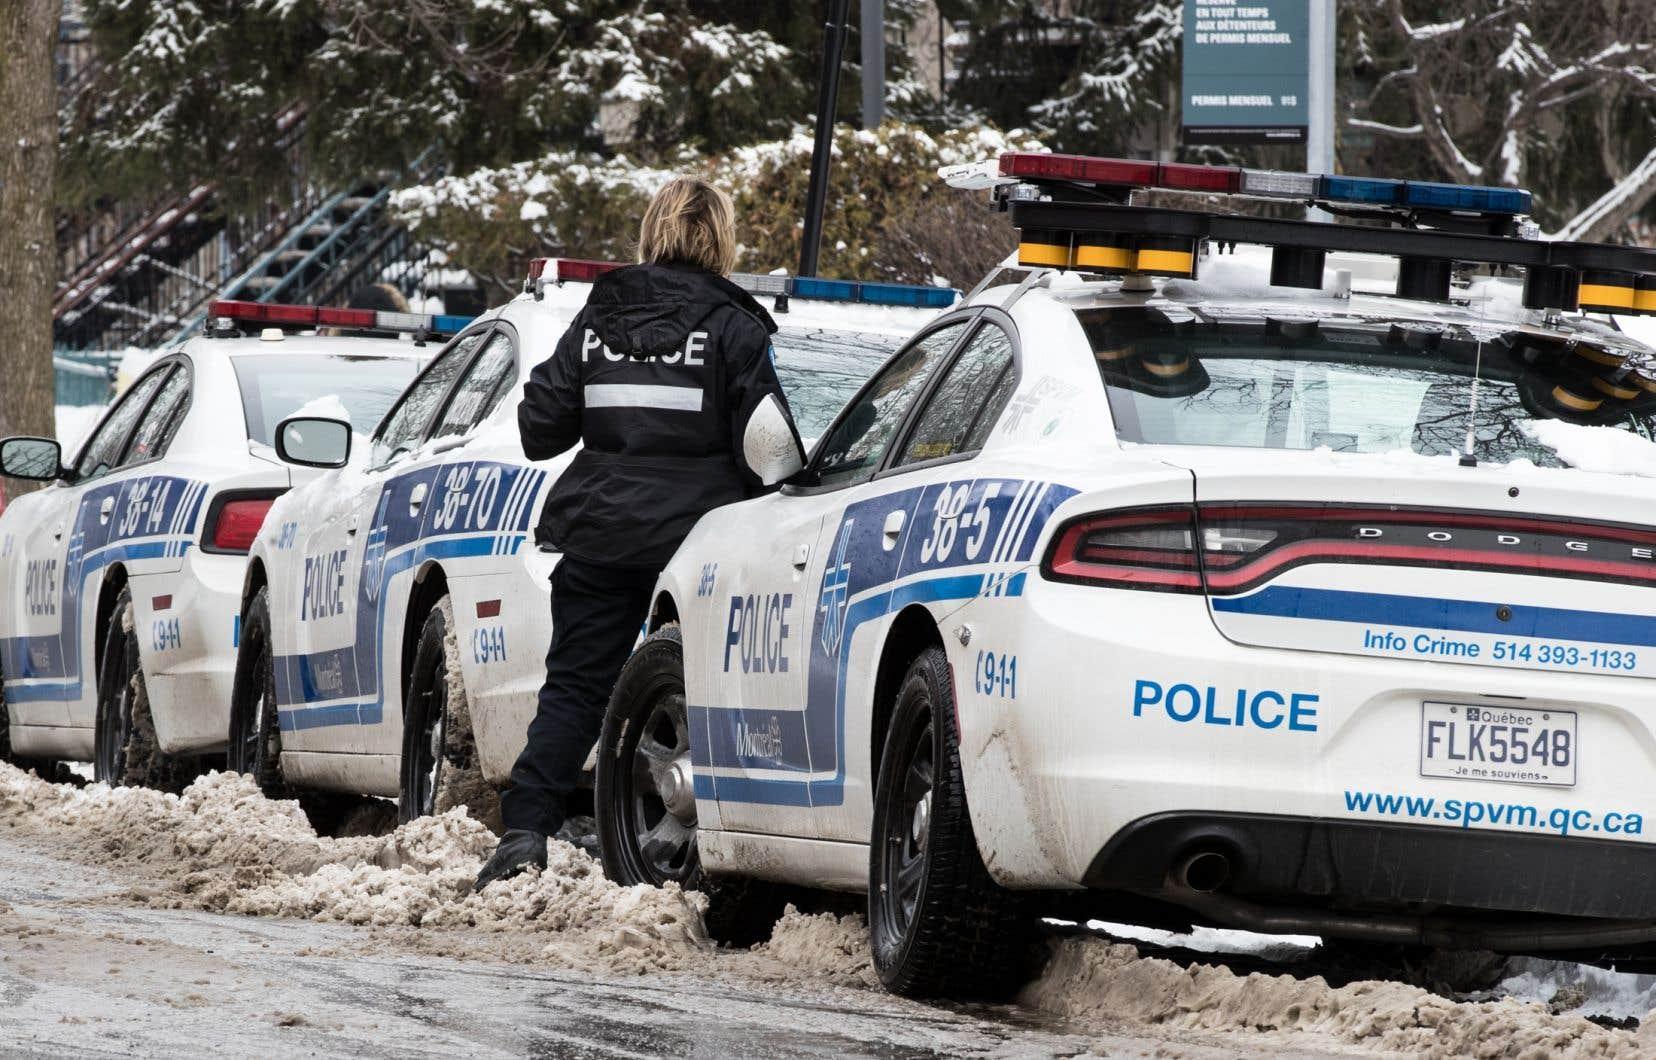 Le mois dernier, un rapport de trois chercheurs avait conclu à l'existence de biais systémiques liés à l'appartenance raciale dans le cadre des interpellations au sein du Service de police de la Ville de Montréal.